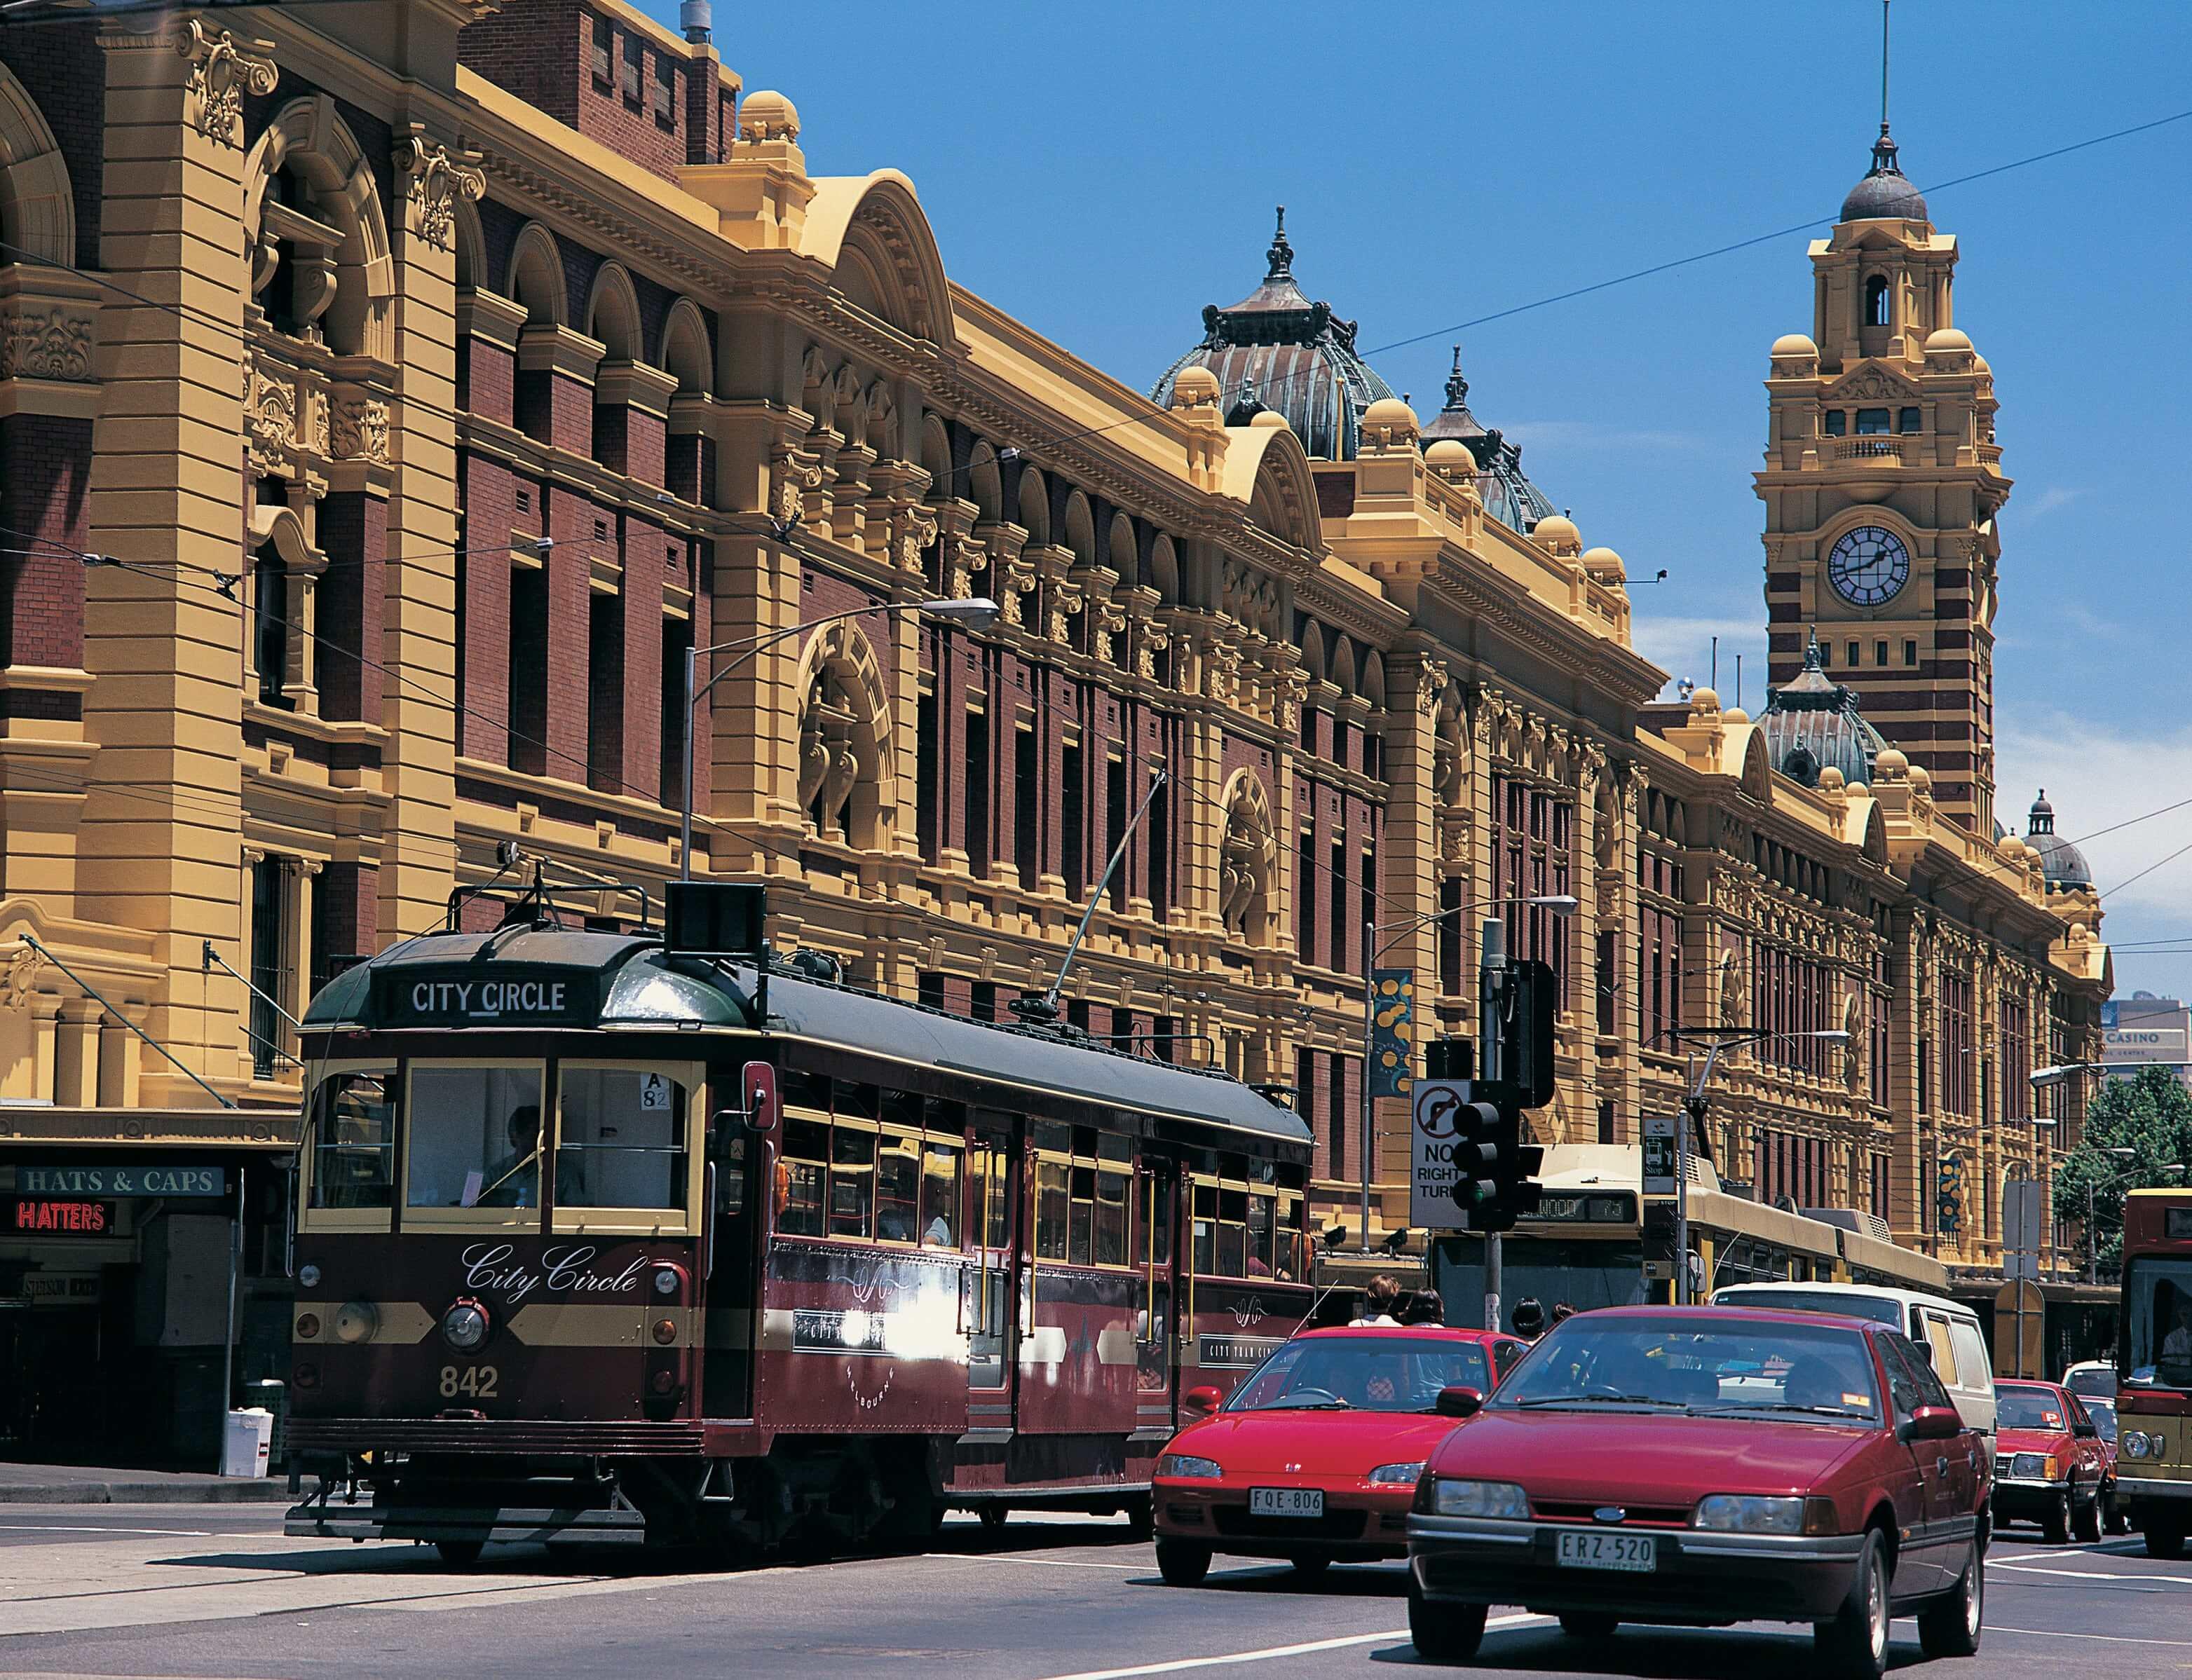 Melbourne: Flinders Street Station with tram